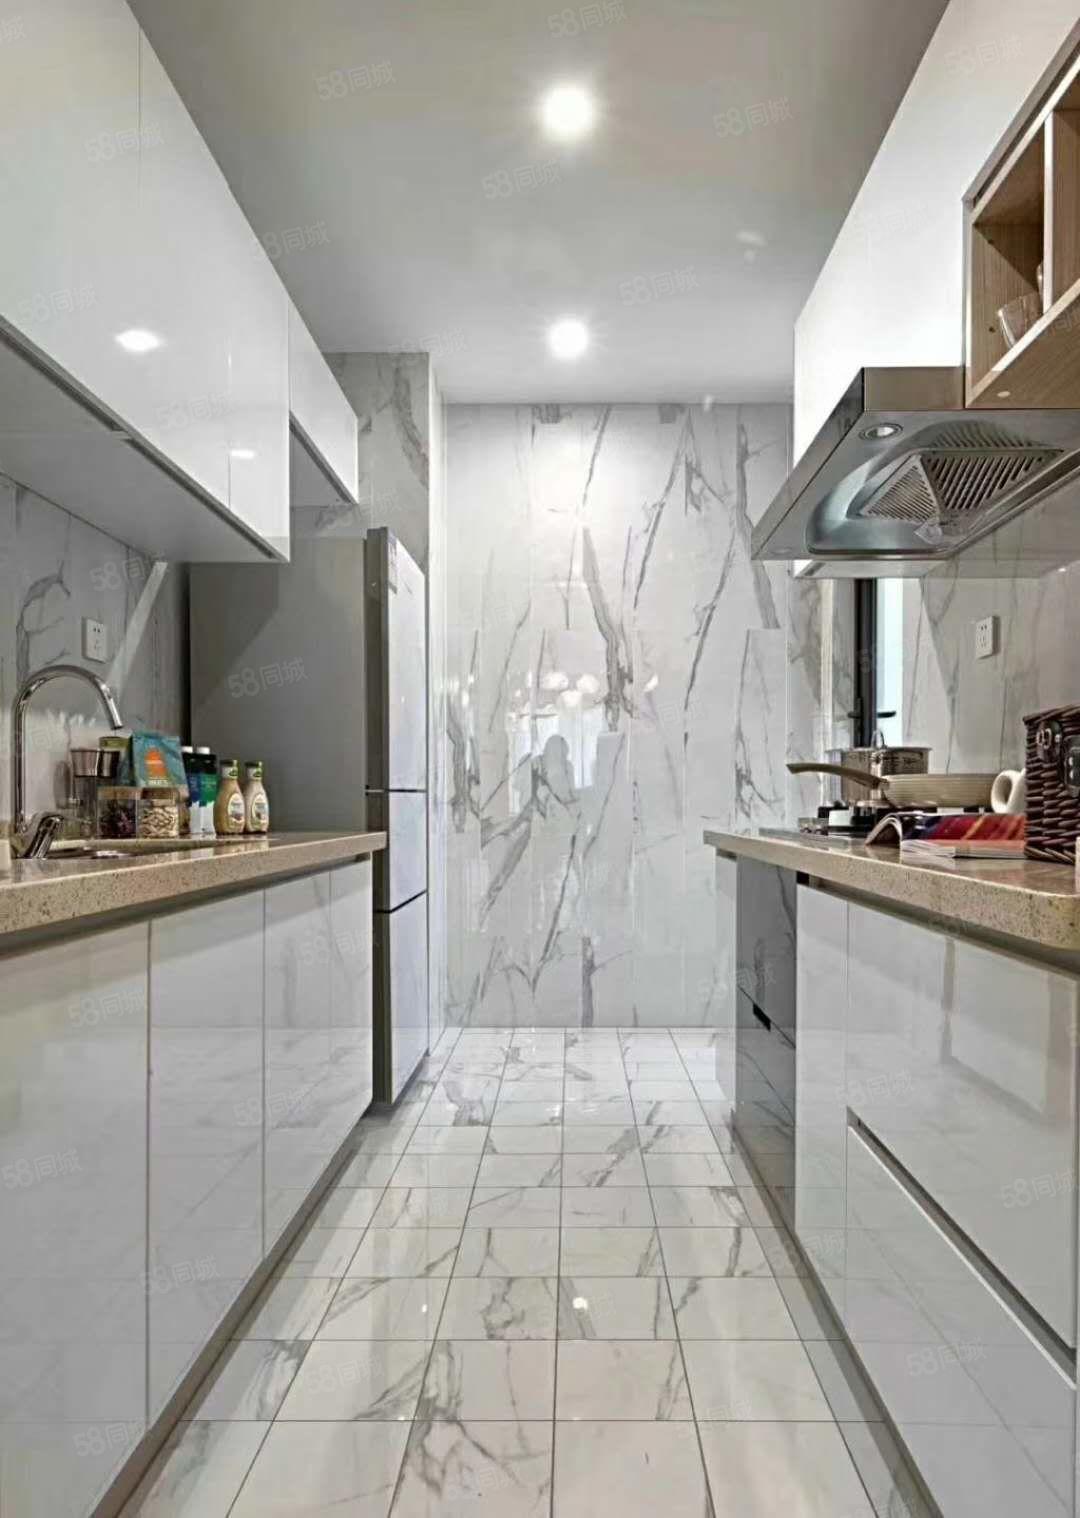 小区位置好,环境佳,室内布局合理,设计超前。